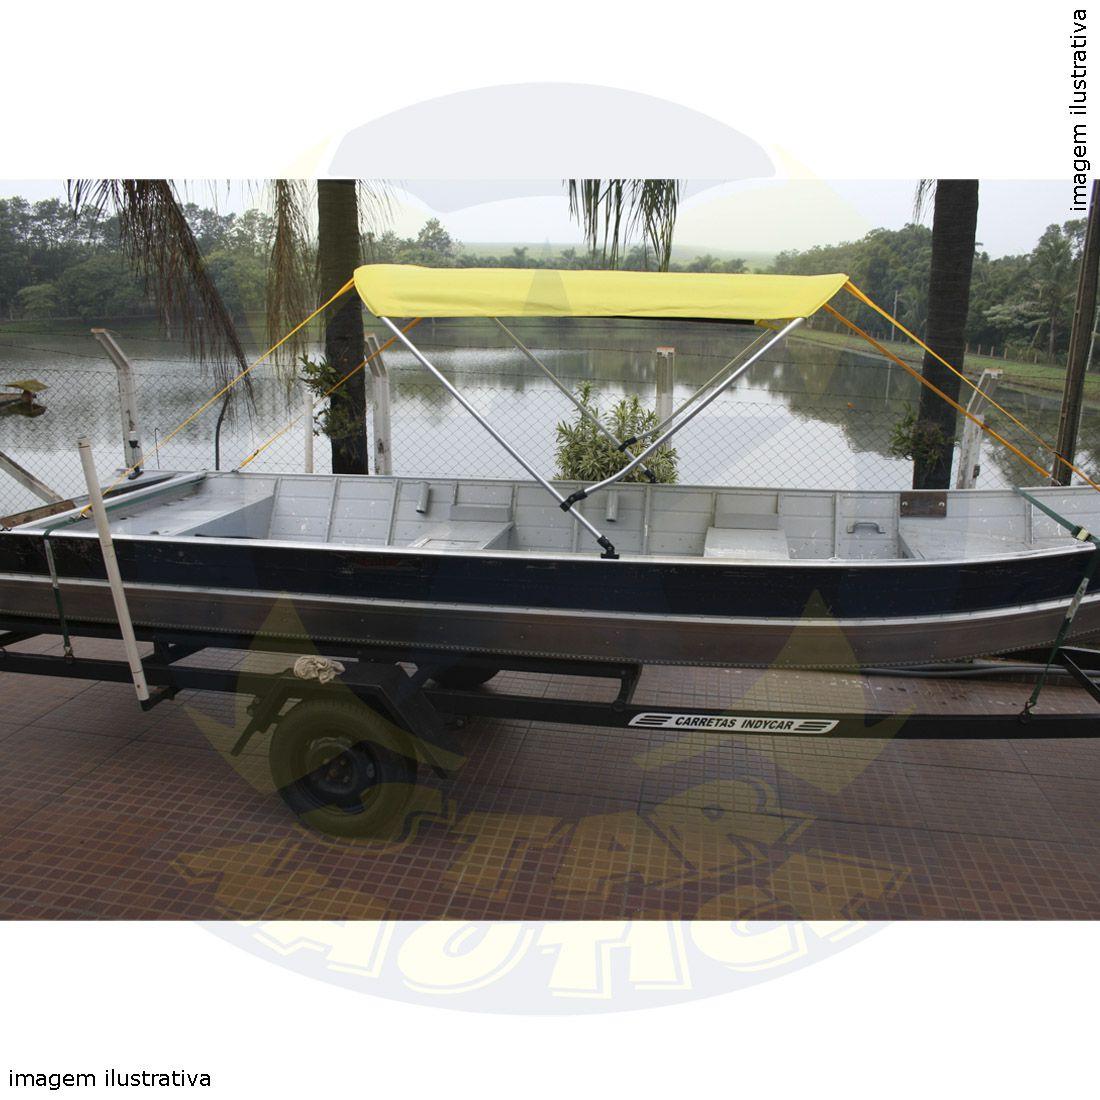 Capota Toldo Barco Marfim 600 Vinílica 2 Arcos Tubo 7/8